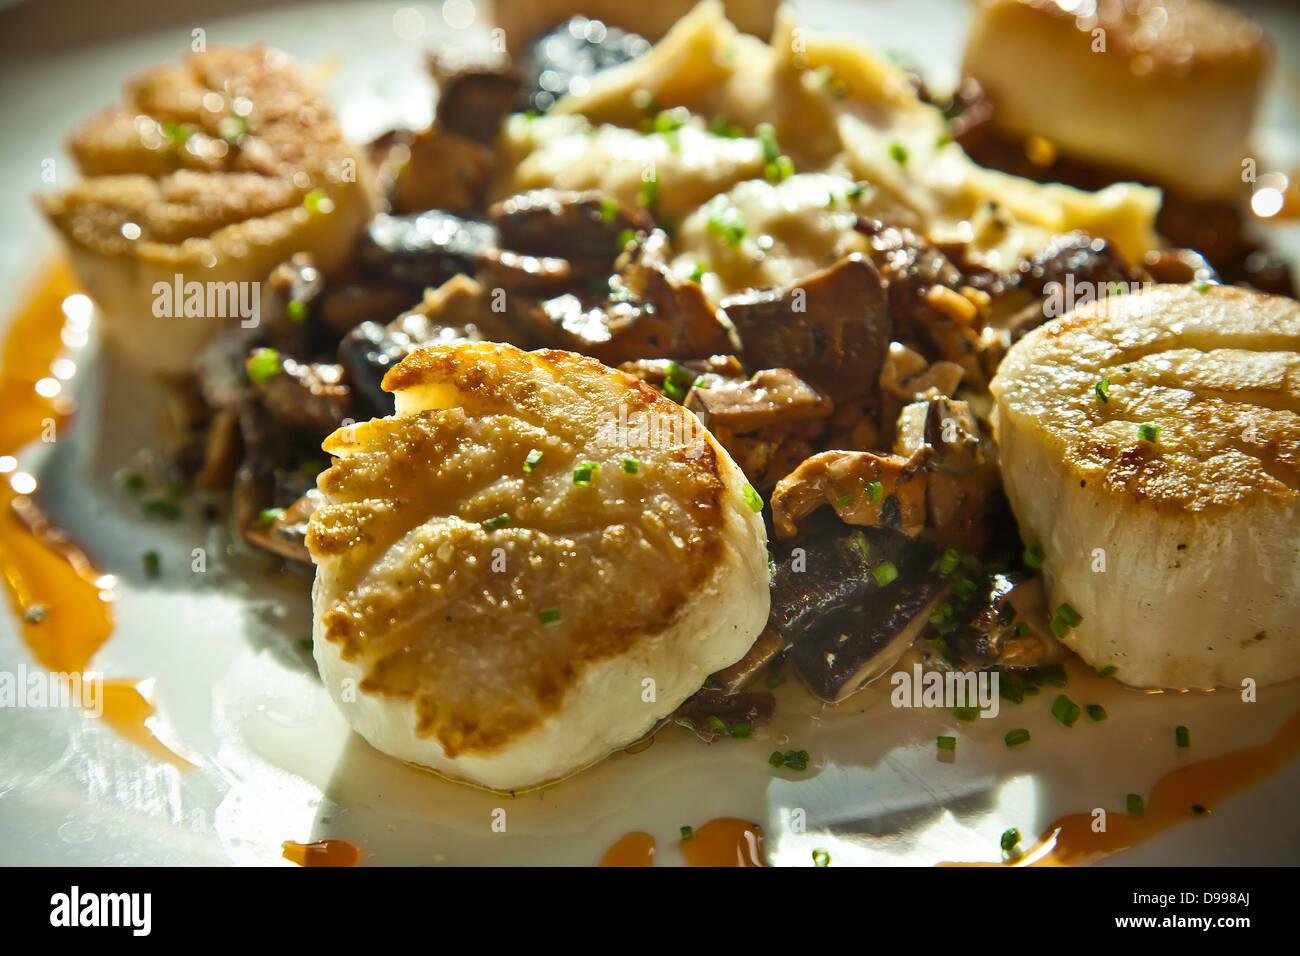 gebratene Jakobsmuscheln auf einem Teller mit Kartoffelpüree Stockbild